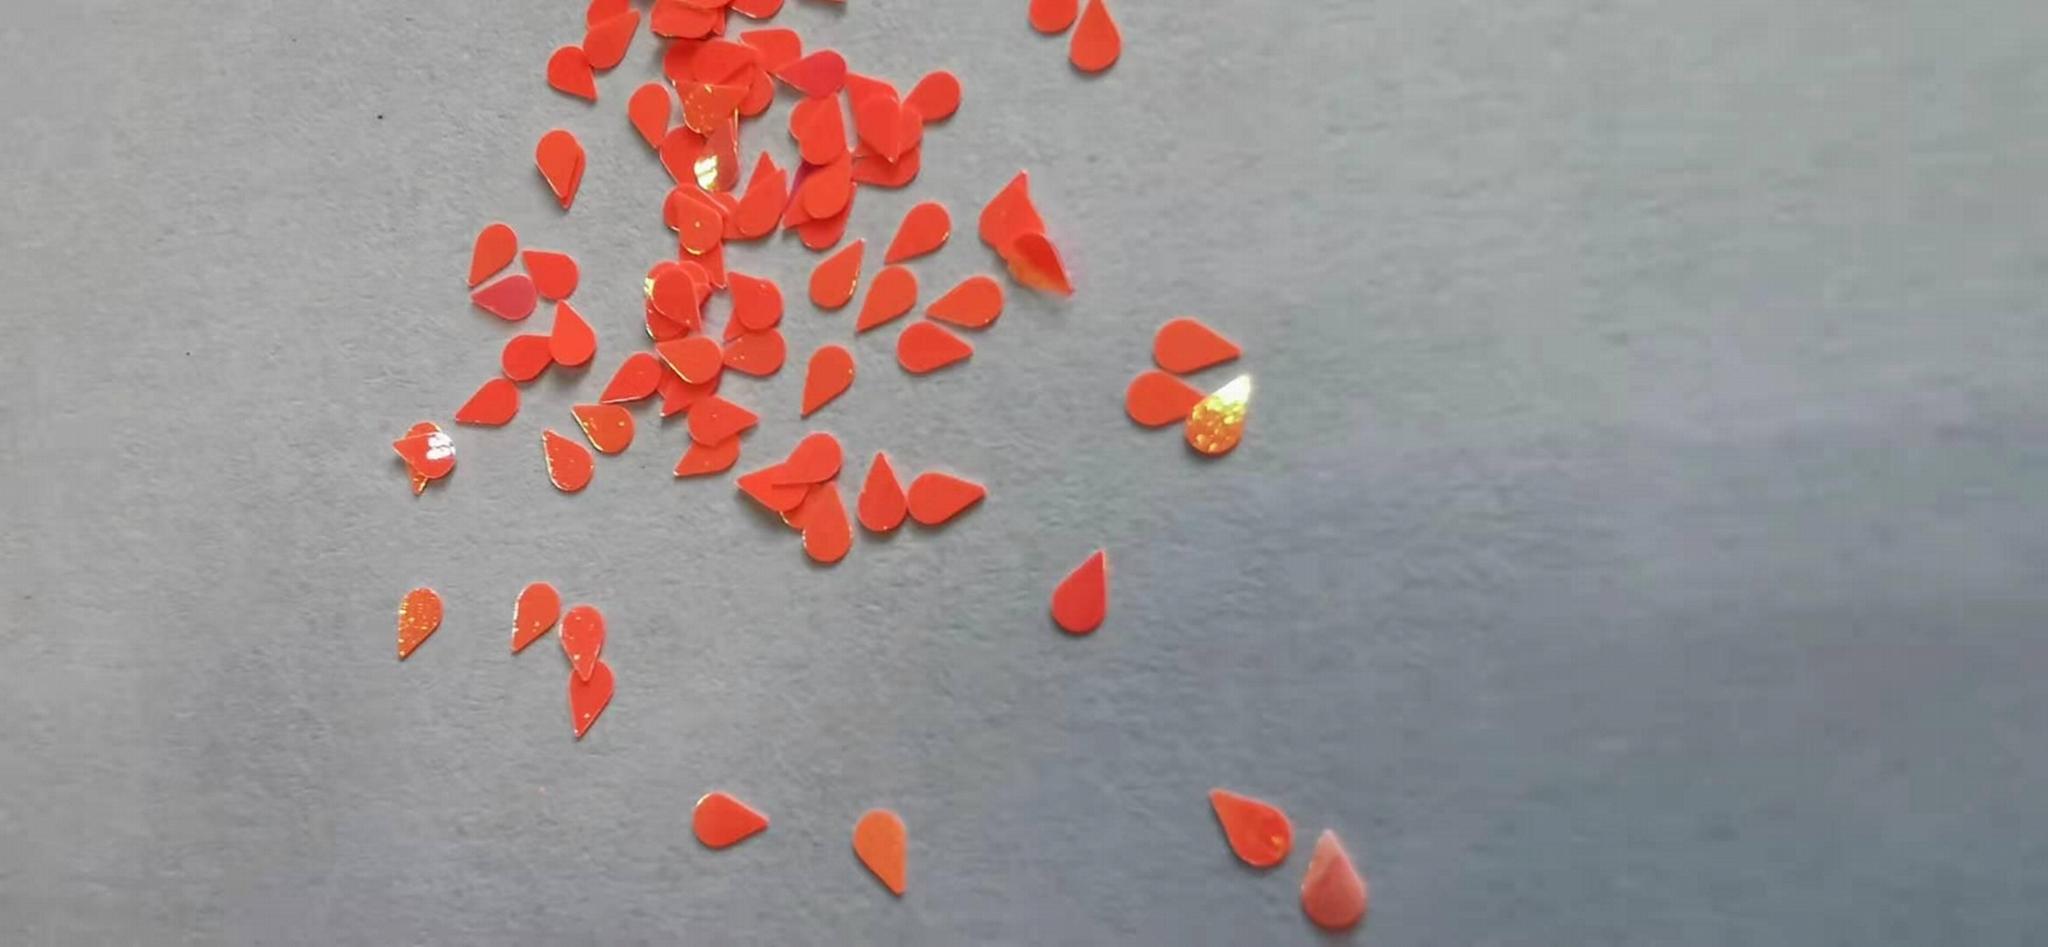 廠家貨源優質貨源聖誕禮品用鐳射粉異型金蔥粉閃光片 2